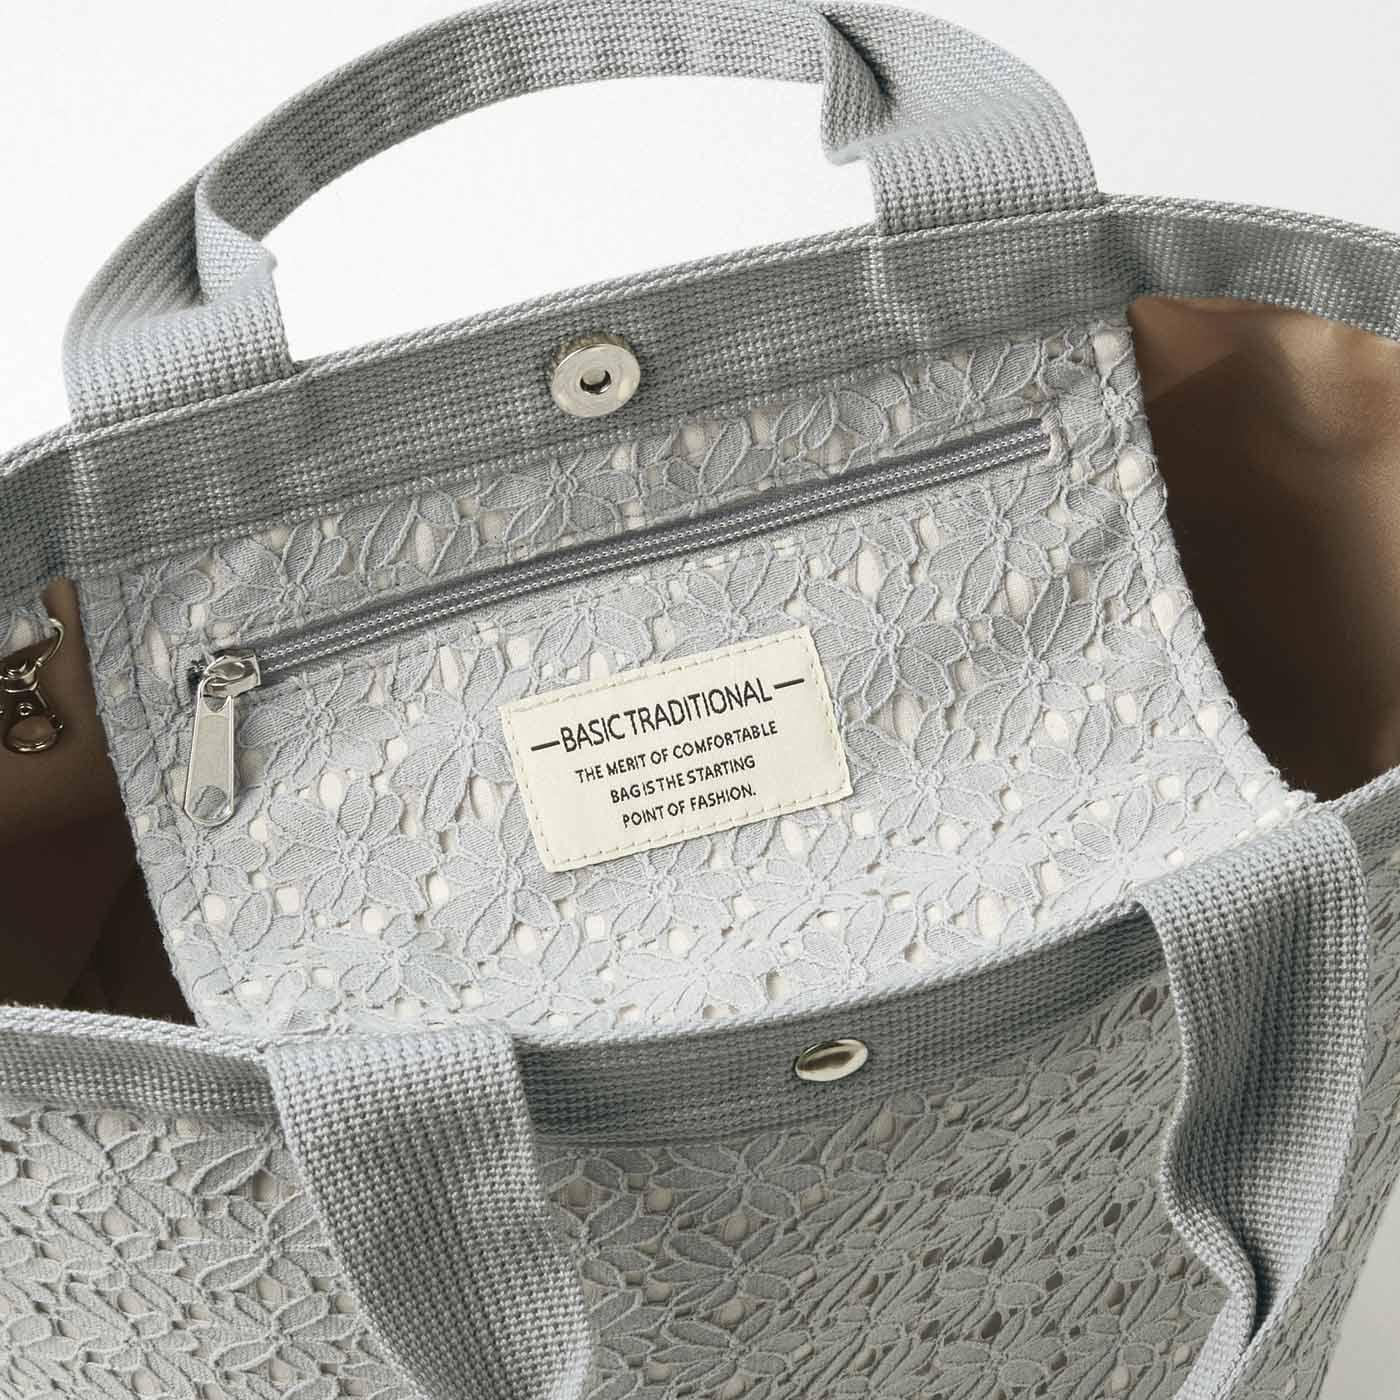 Kraso[クラソ]  底まちたっぷりでいっぱい入るのにシュッと見え さわやかお花レースの自立する大きめトートバッグ 内ポケットをスナップで留めればふたカバーになり、中身がまる見えになるのも防げて安心。